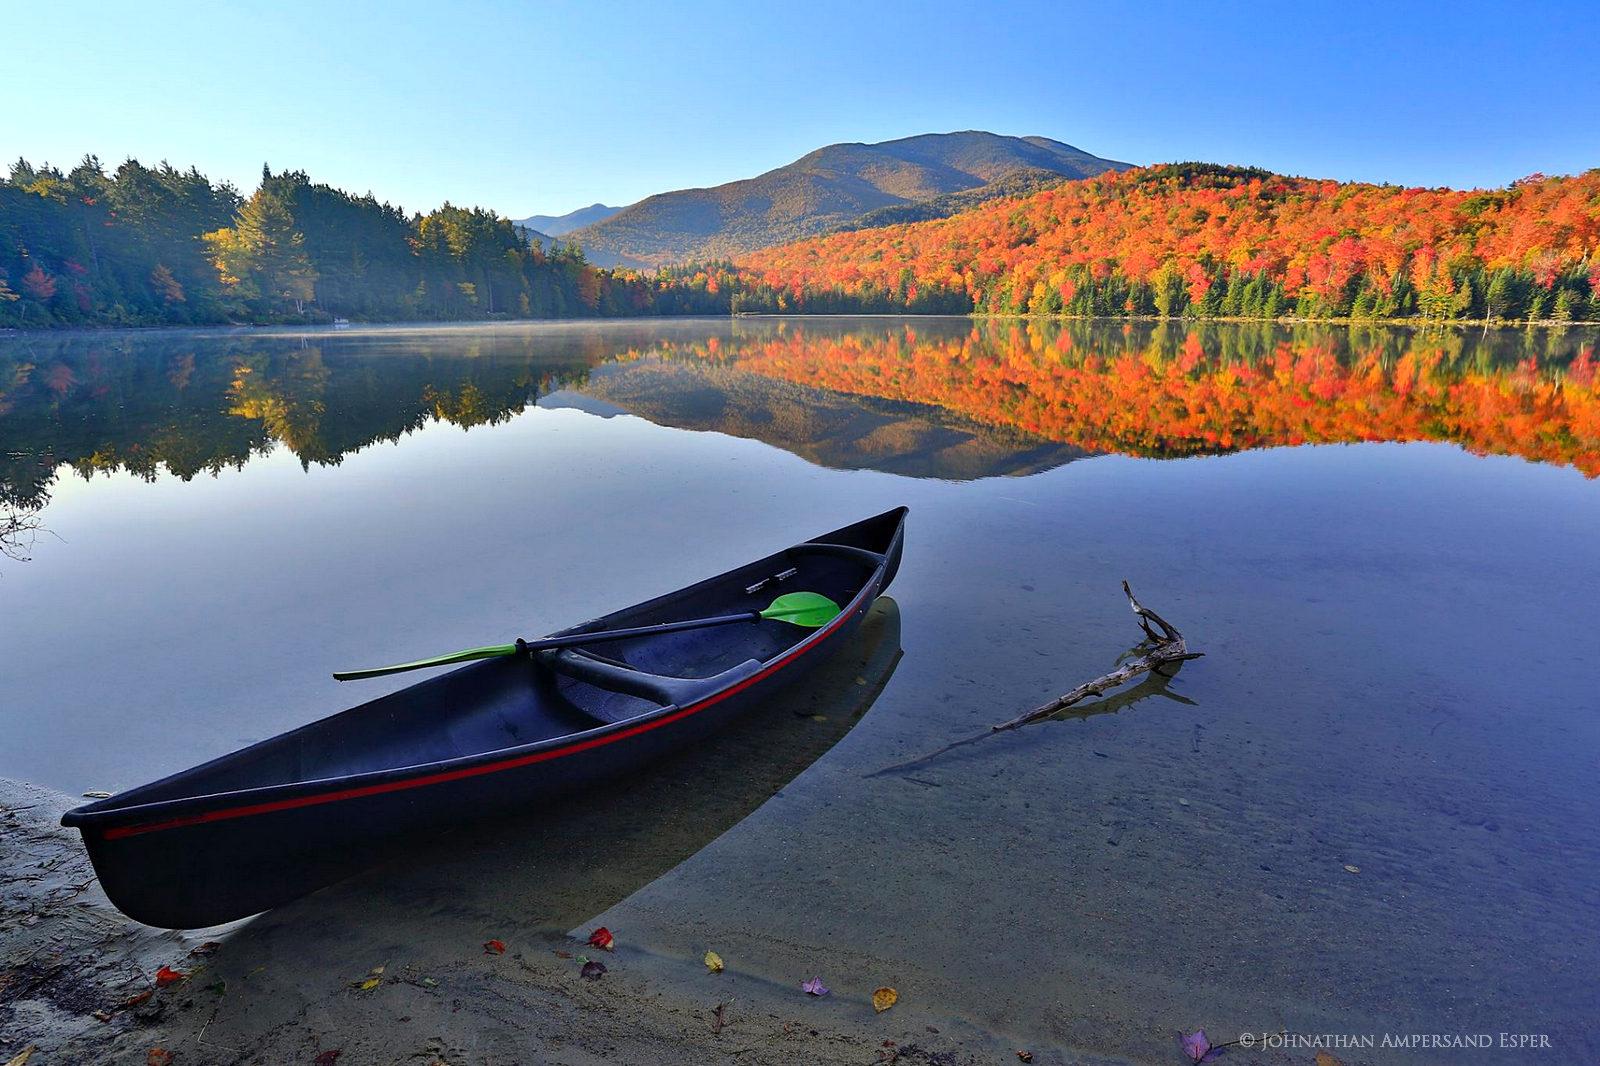 Heart Lake,Hornbeck,canoe,shoreline,Hornbeck Blackjack canoe,Hornbeck canoe,Heart Lake canoe,reflection,autumn,Algonquin,High...